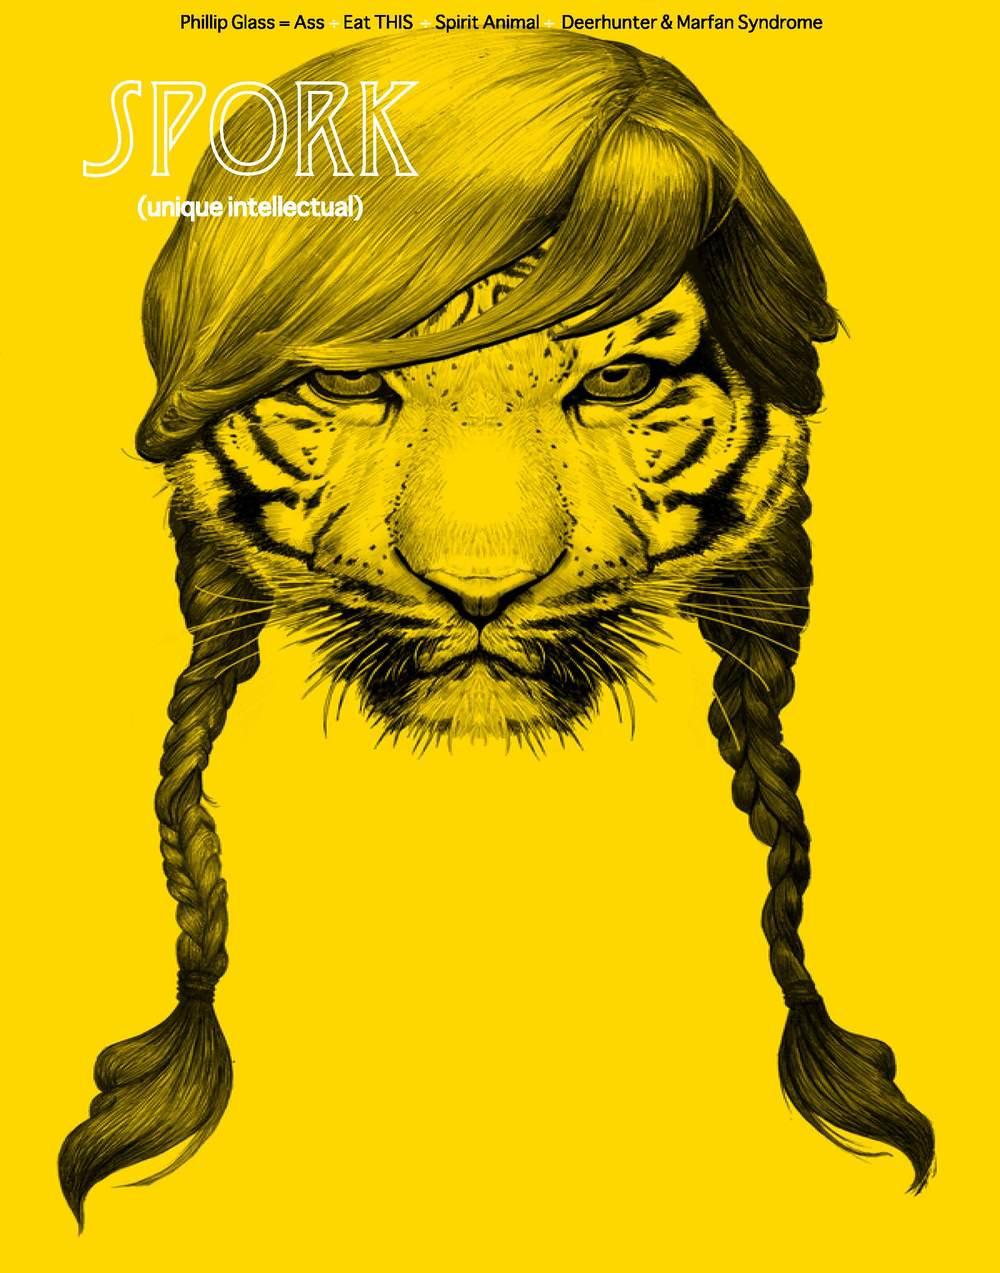 Original Concept SPORK! Cover - 2010